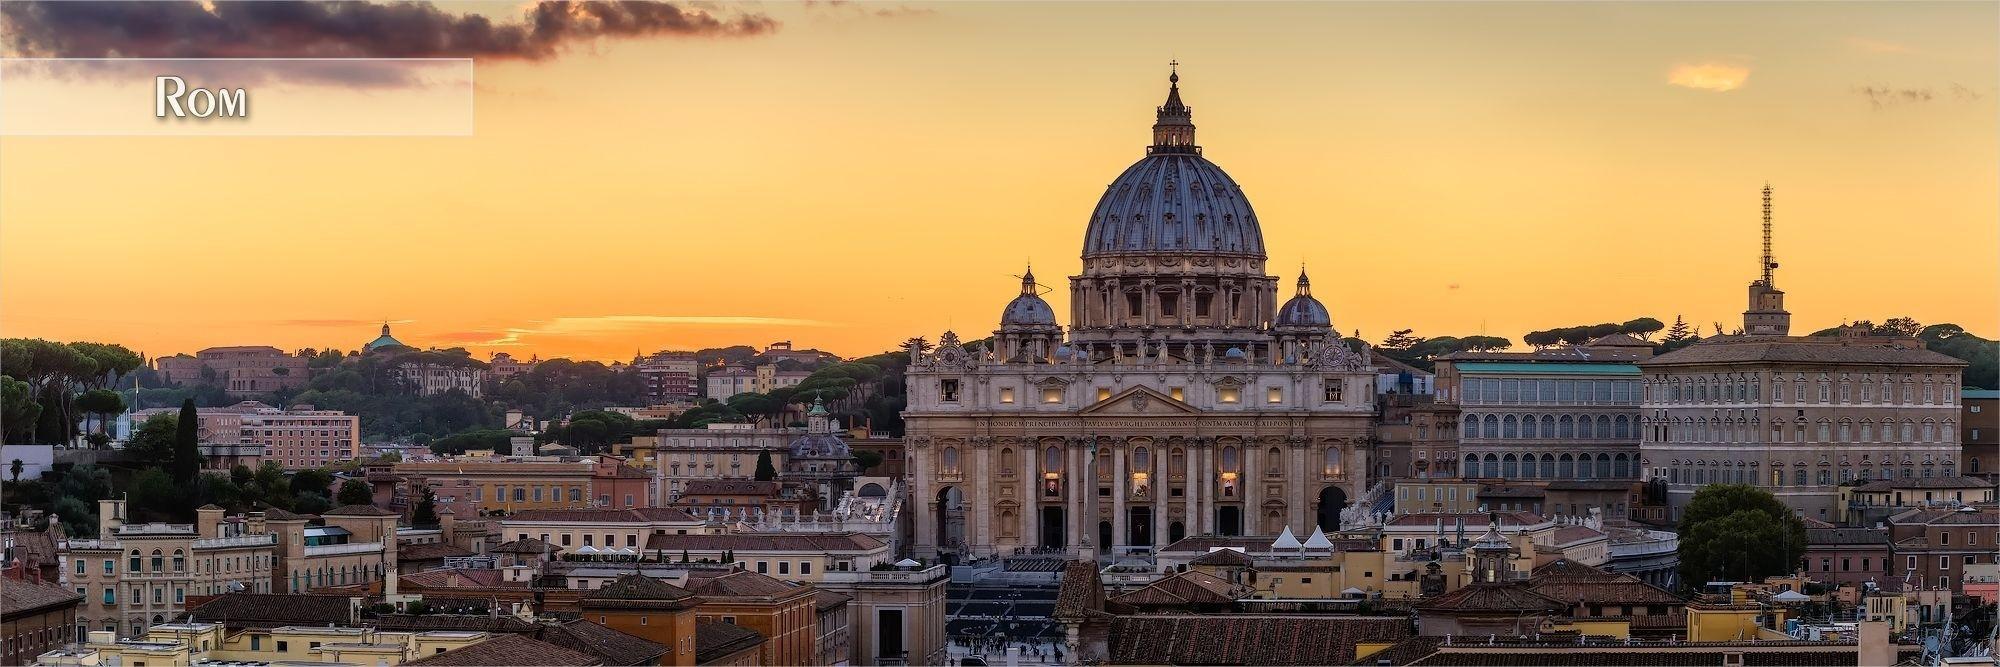 Bilder als Wandbild und Küchenrückwand aus Rom